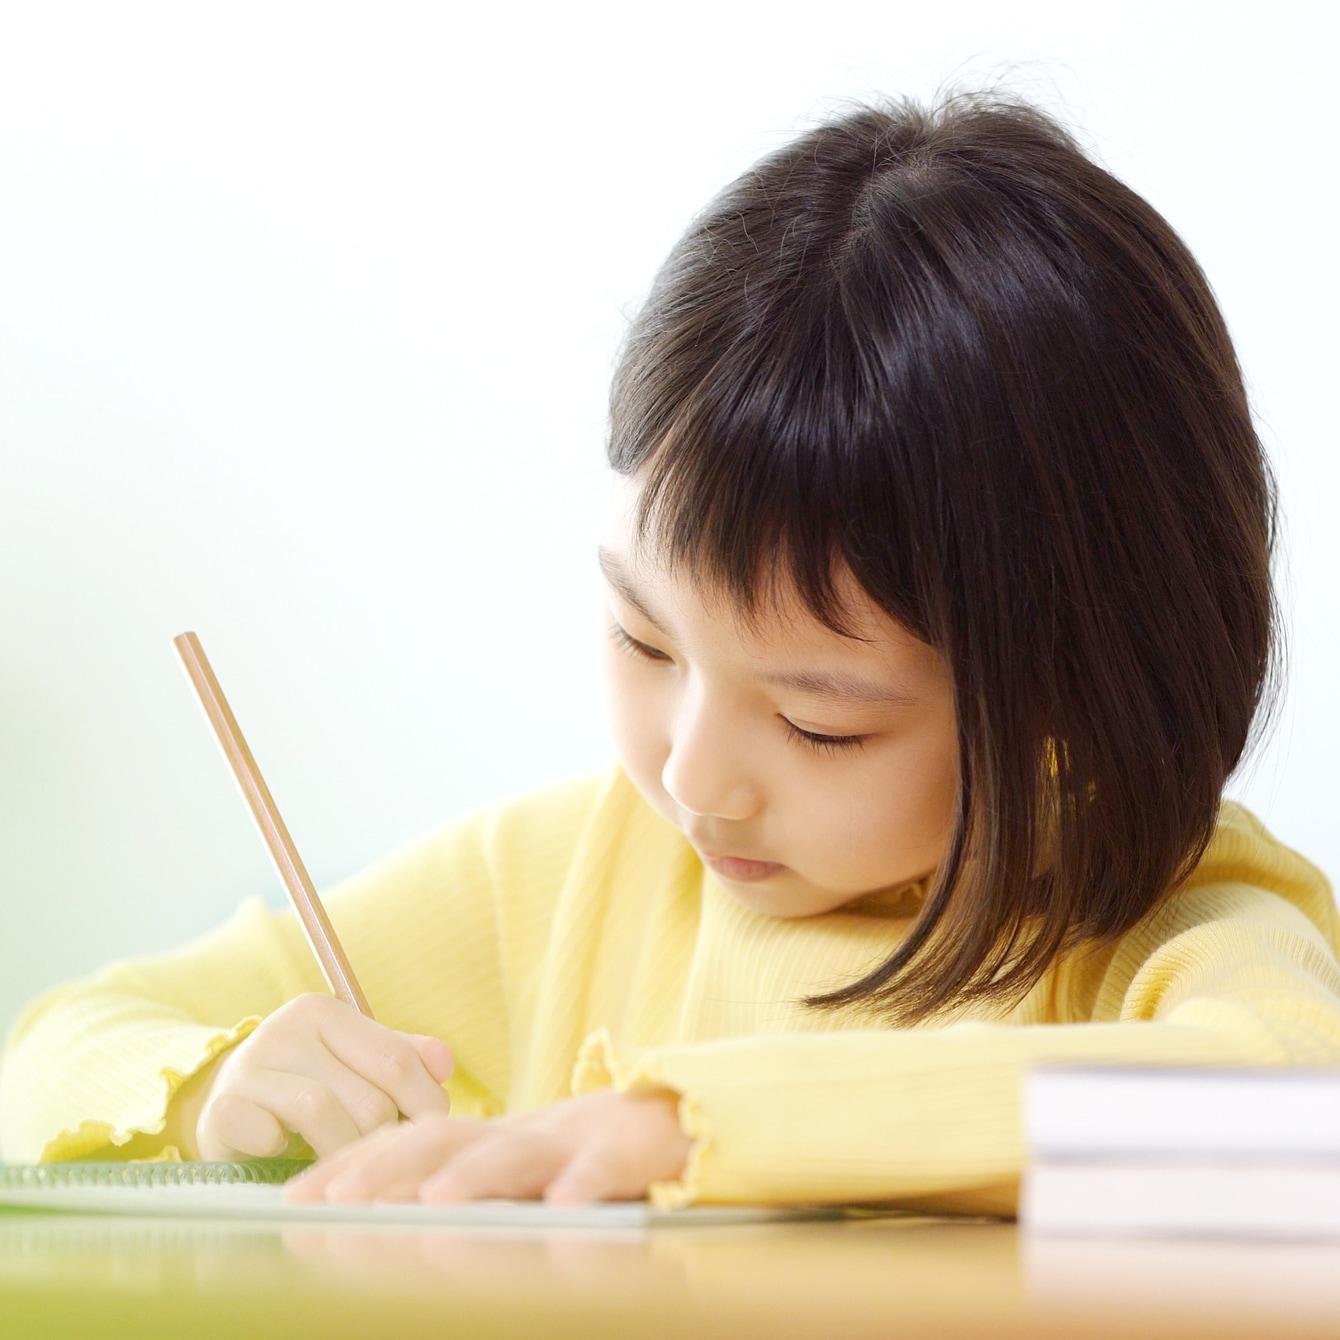 自ら進んでやる子に育てるために「避けたい5つの言葉」